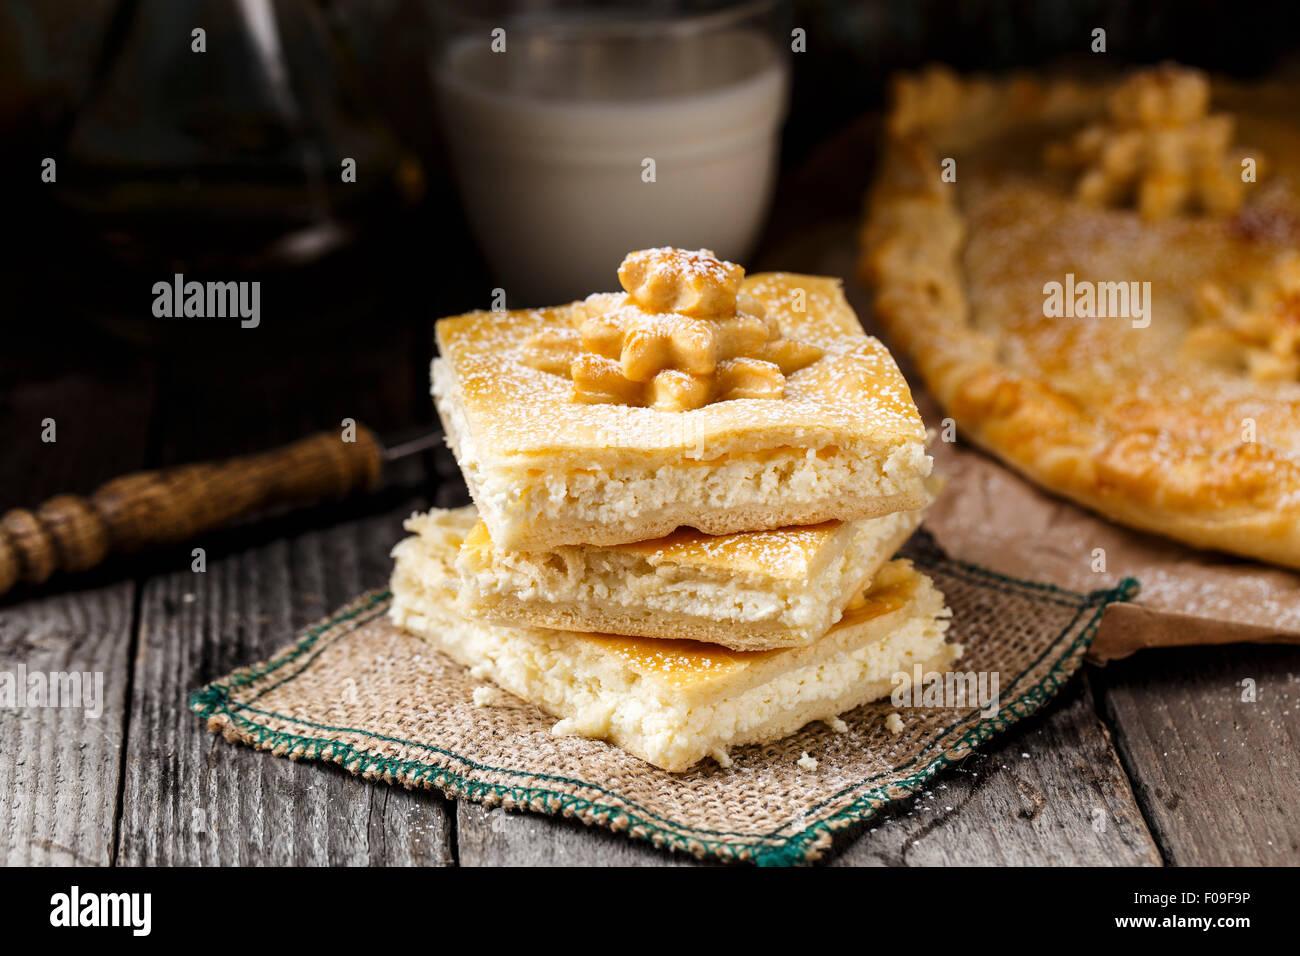 Délicieux petit gâteau farci de pâte sucrée Photo Stock